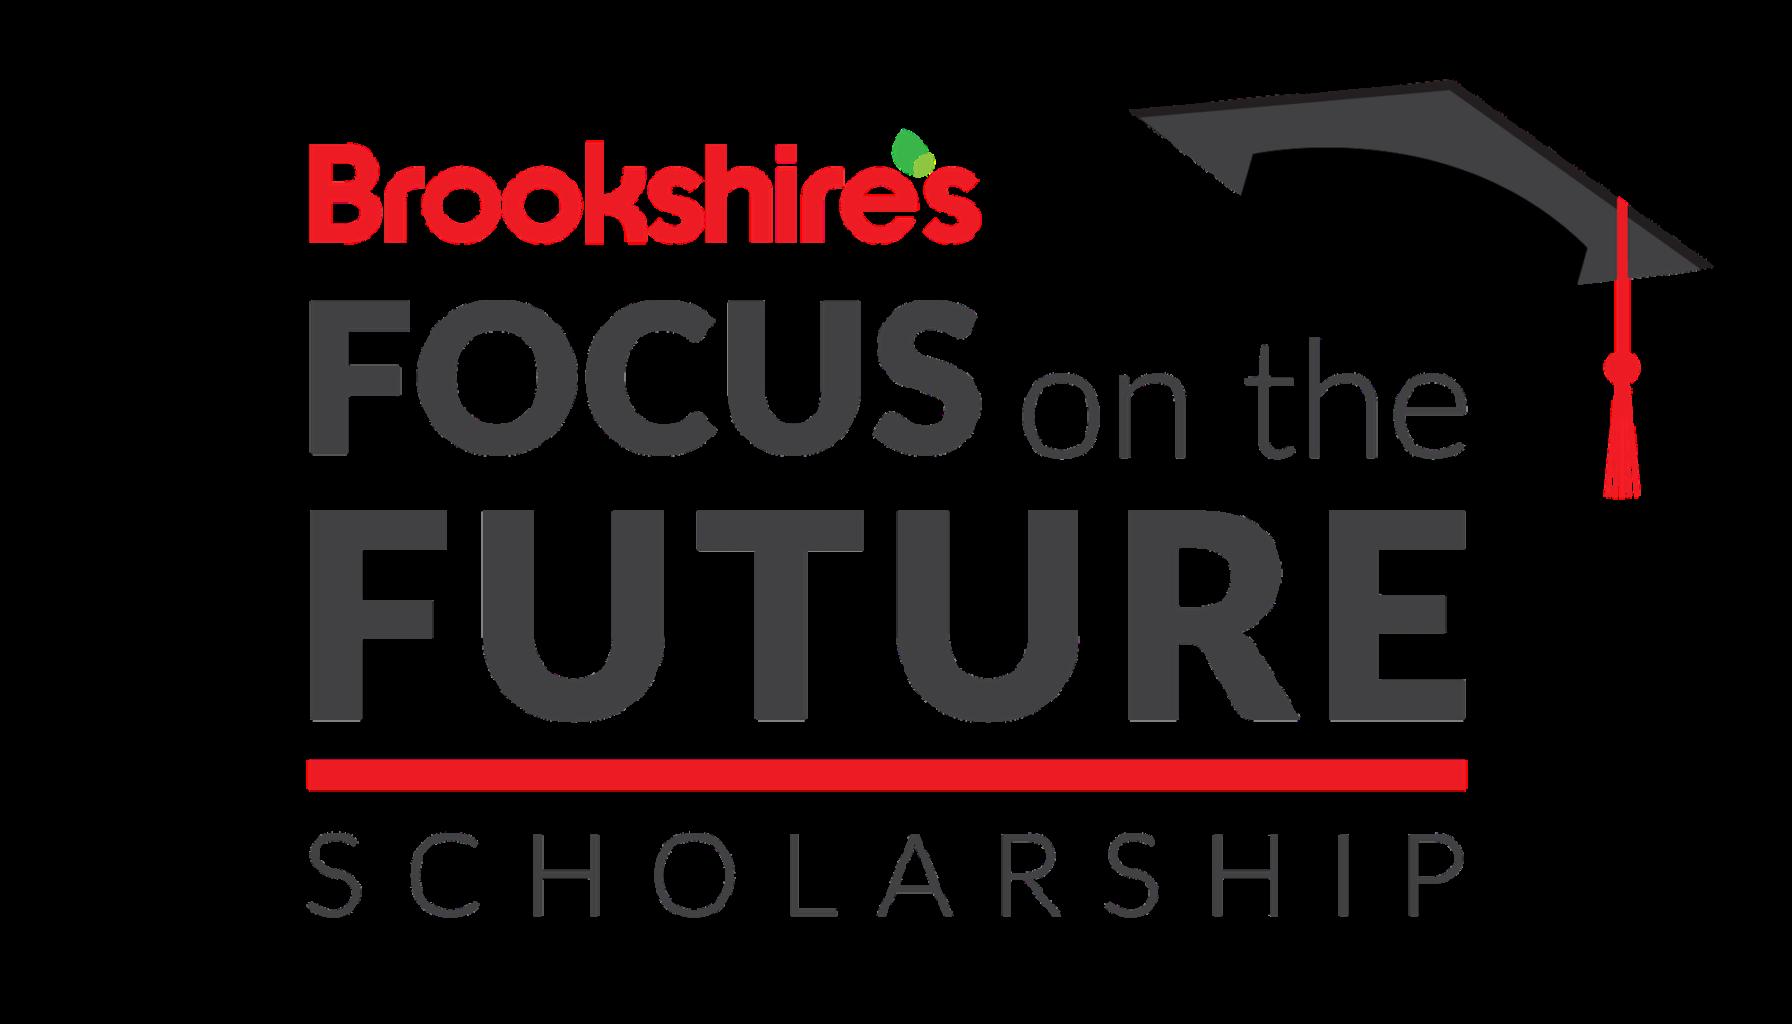 Focus-on-the-Future-ScholarshipPHOTO-1792×1024